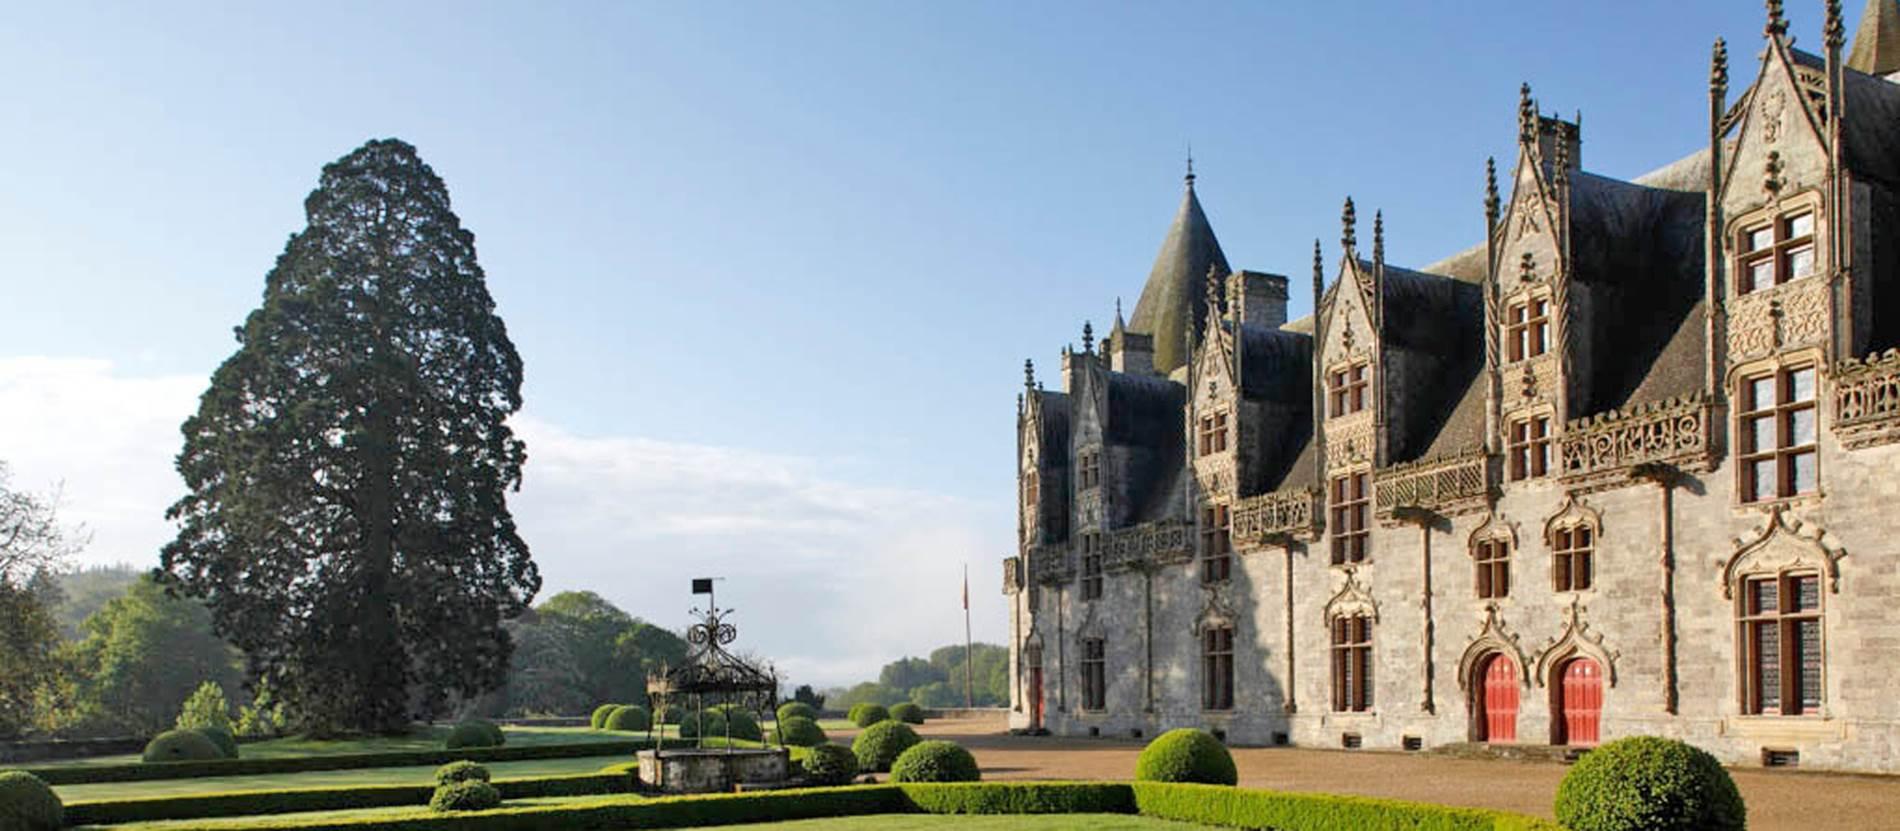 Chateau-et-parc-de-Josselin-Morbihan-Bretagne-Sud © ©D-Bordes